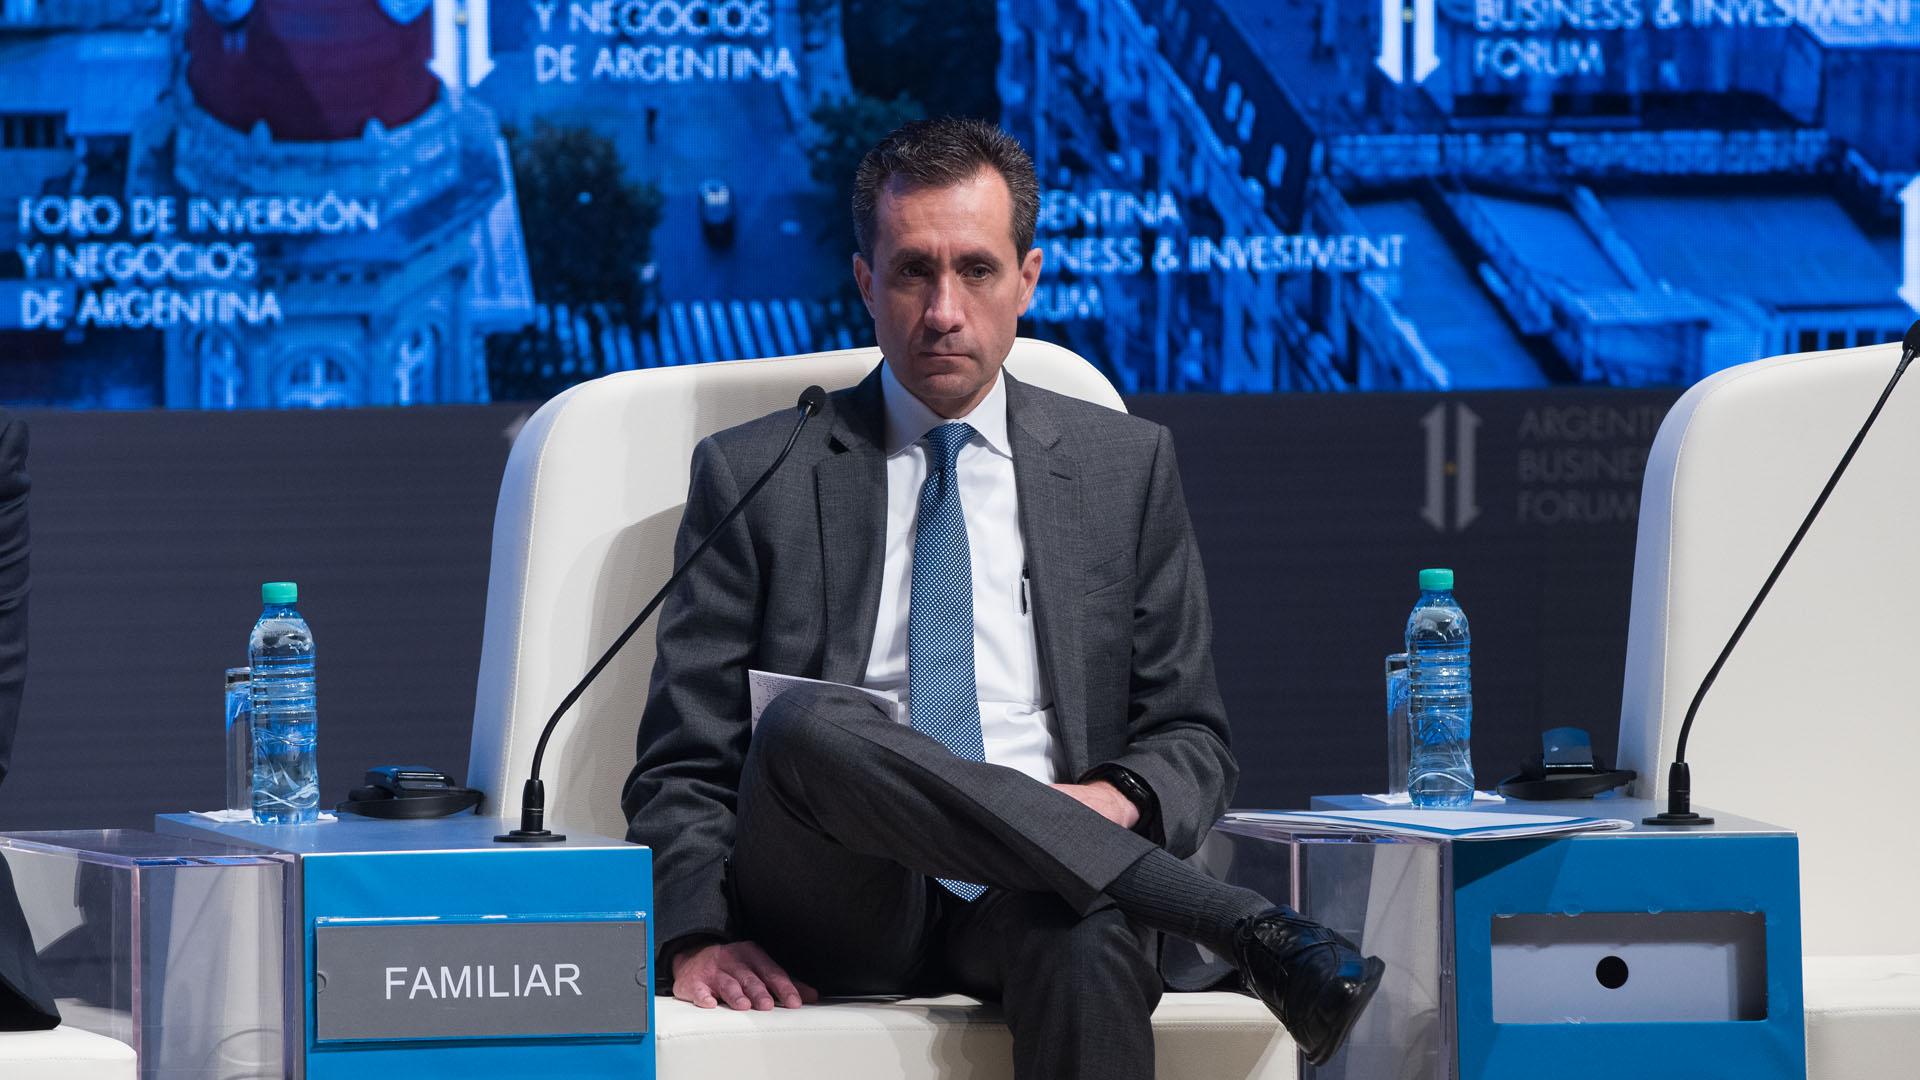 El vicepresidente del Banco Mundial para Latinoamérica, Jorge Familiar (Adrián Escandar)